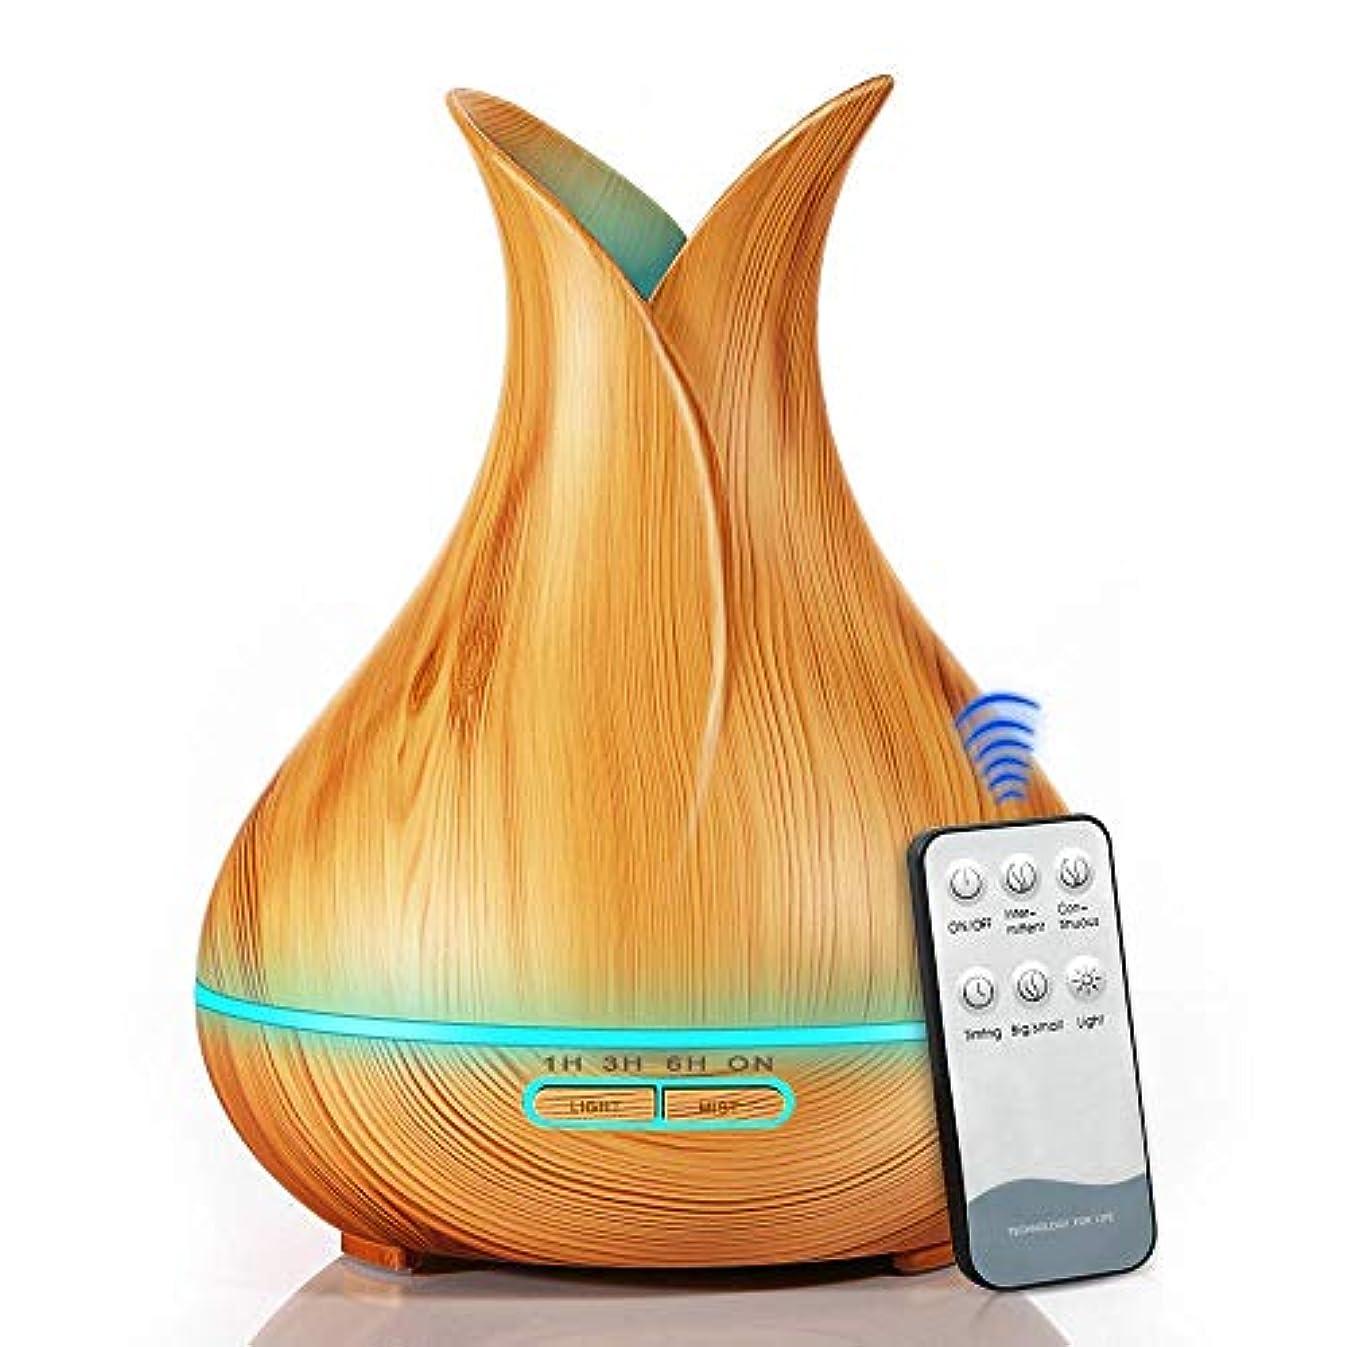 うなり声突然の蒸し器400Mlアロマエッセンシャルオイルディフューザーリモコン超音波加湿器、ウッドグレイン7色LED点灯タイマー設定,Brown